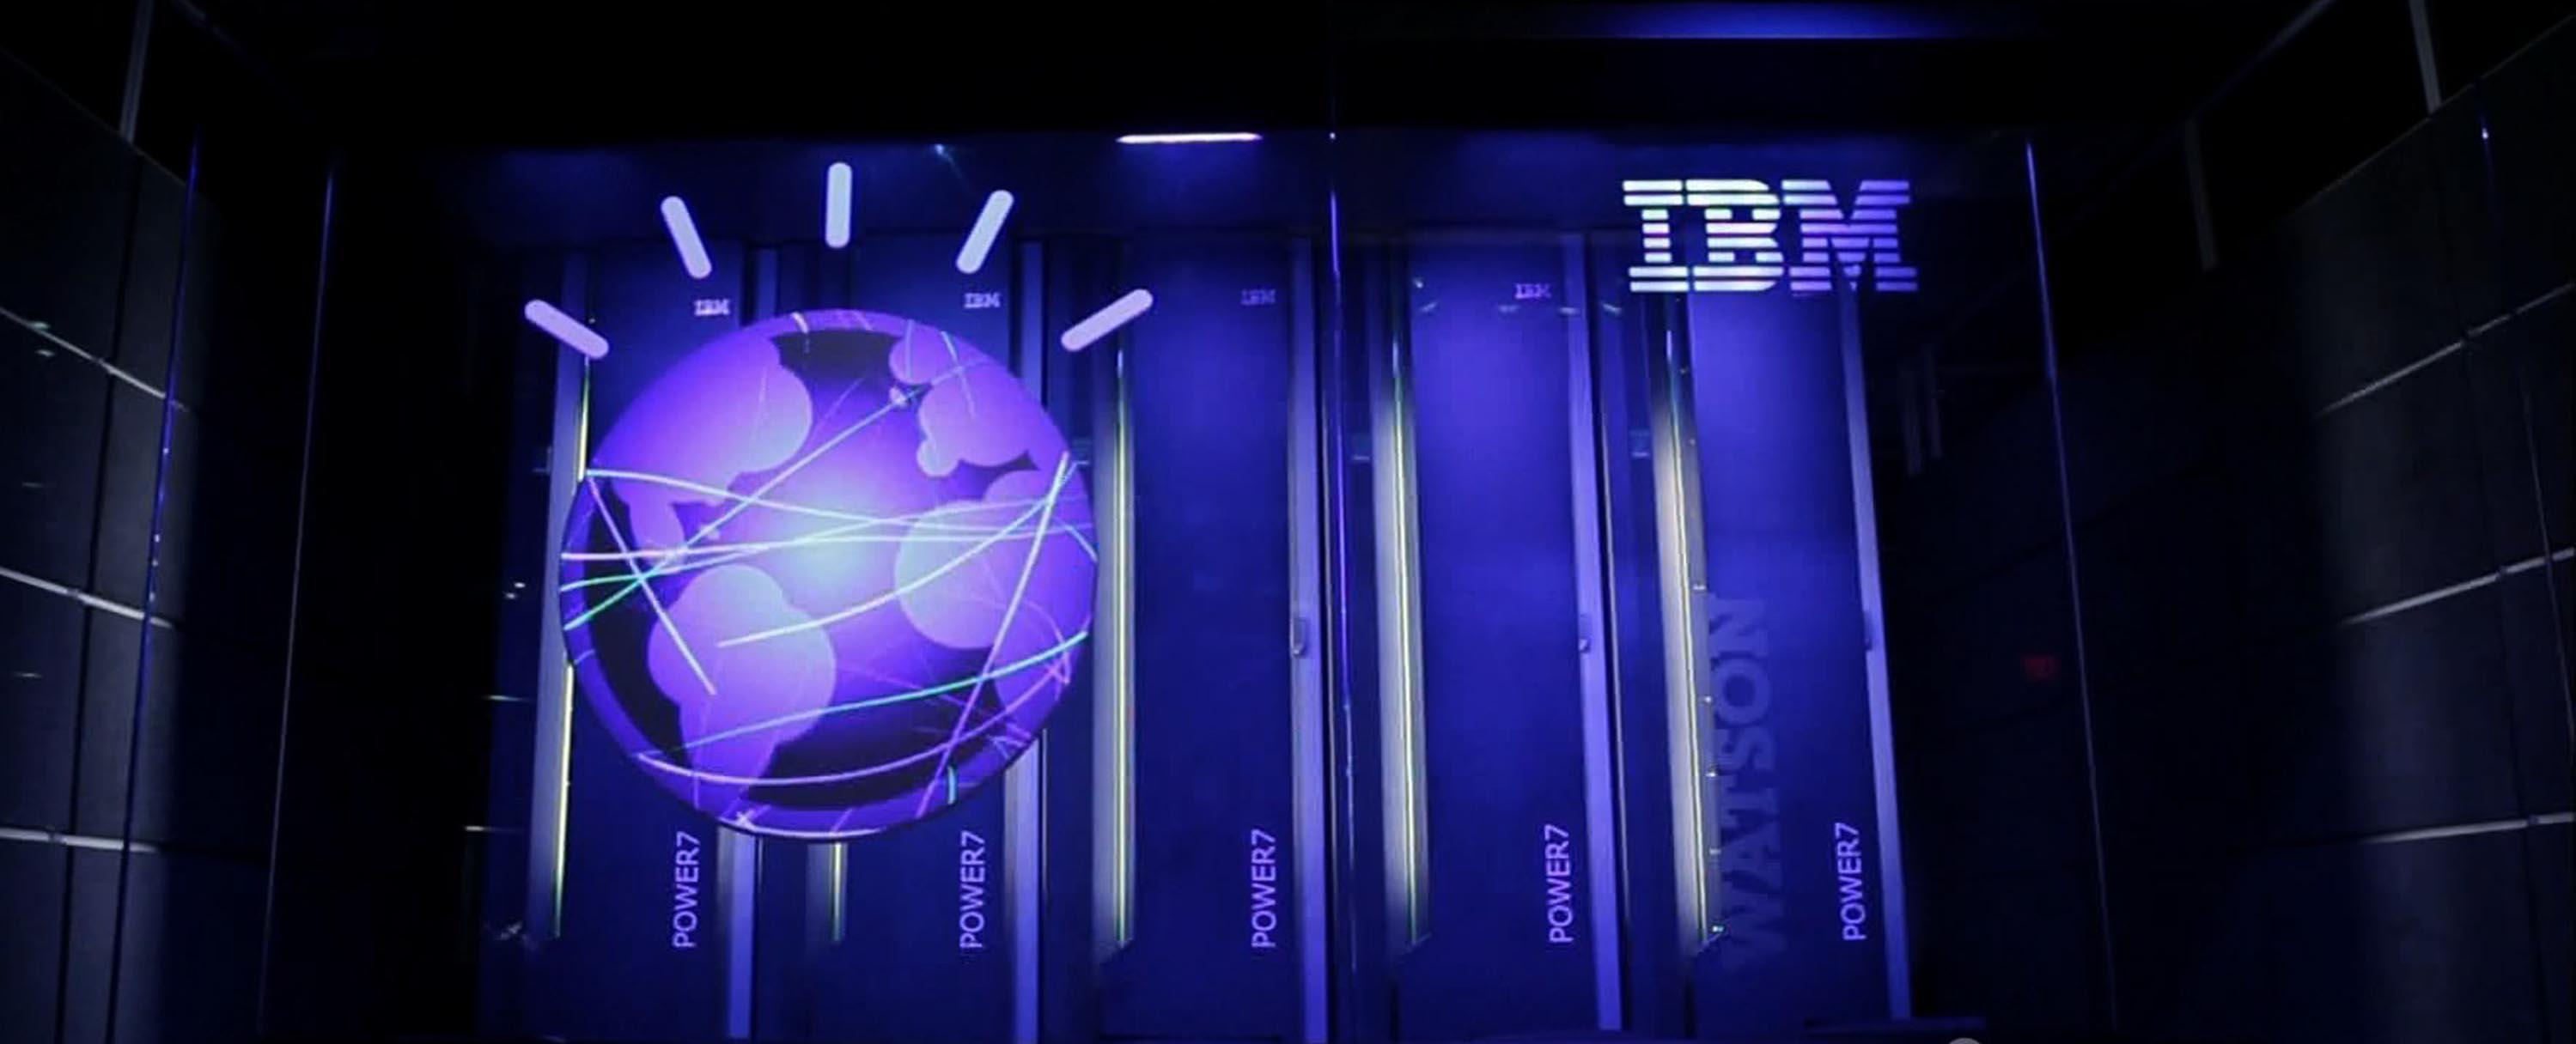 هوش مصنوعی واتسون آی بی ام پاسخ سوالهایتان را از میان ویدیوهای TED می یابد